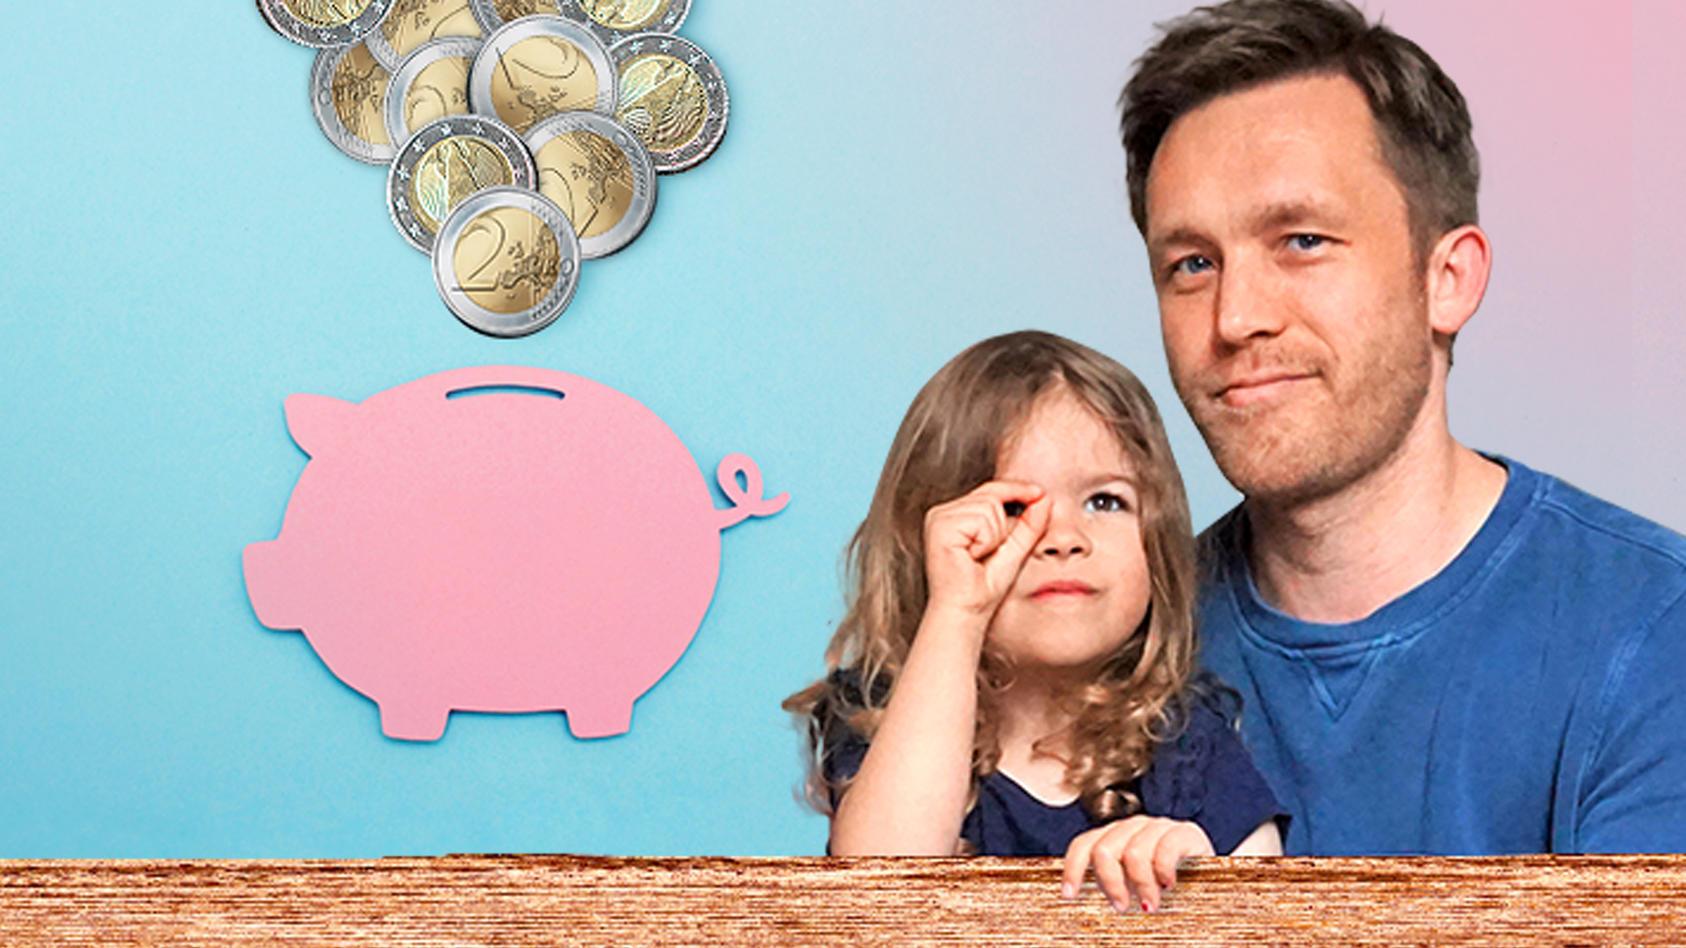 Als Familie Geld sparen? Das ist schwierig, aber möglich. Sebastian Priggemeier stellt Spartipps vor.